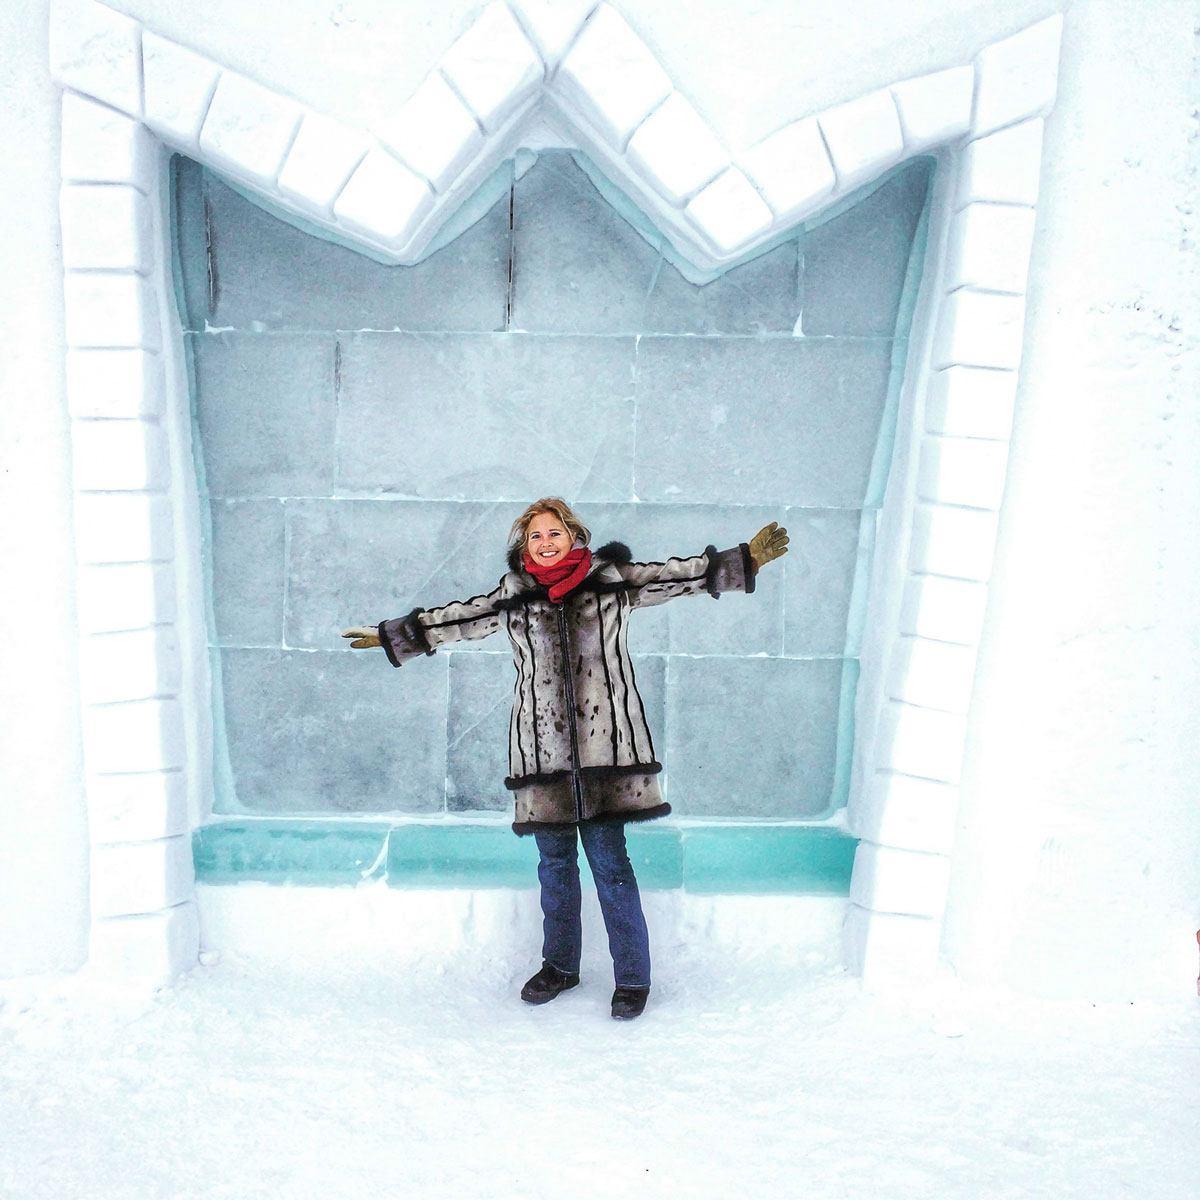 Tawna Brown at Snow Castle